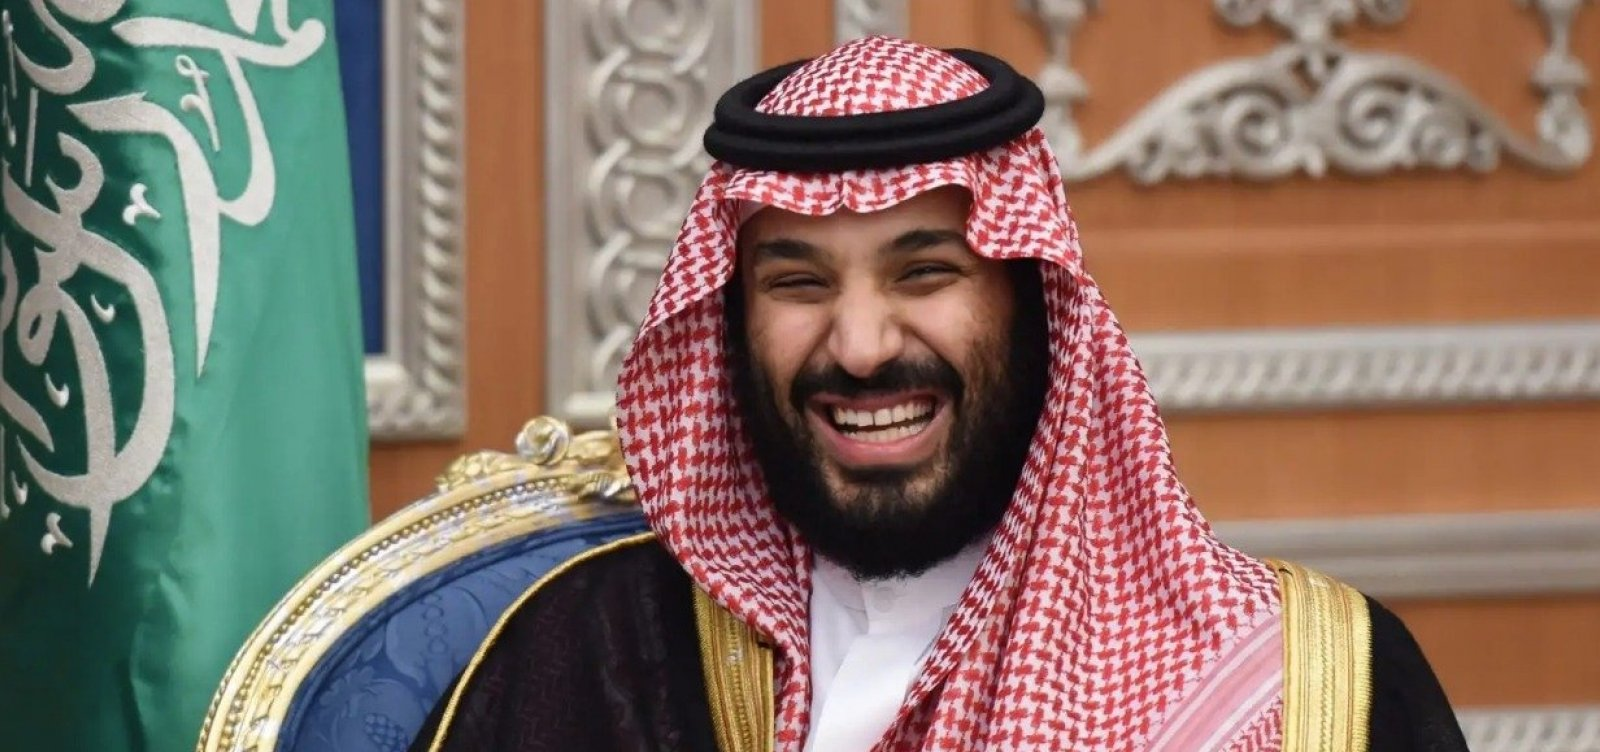 [Justiça argentina pede informações de investigações contra príncipe saudita]